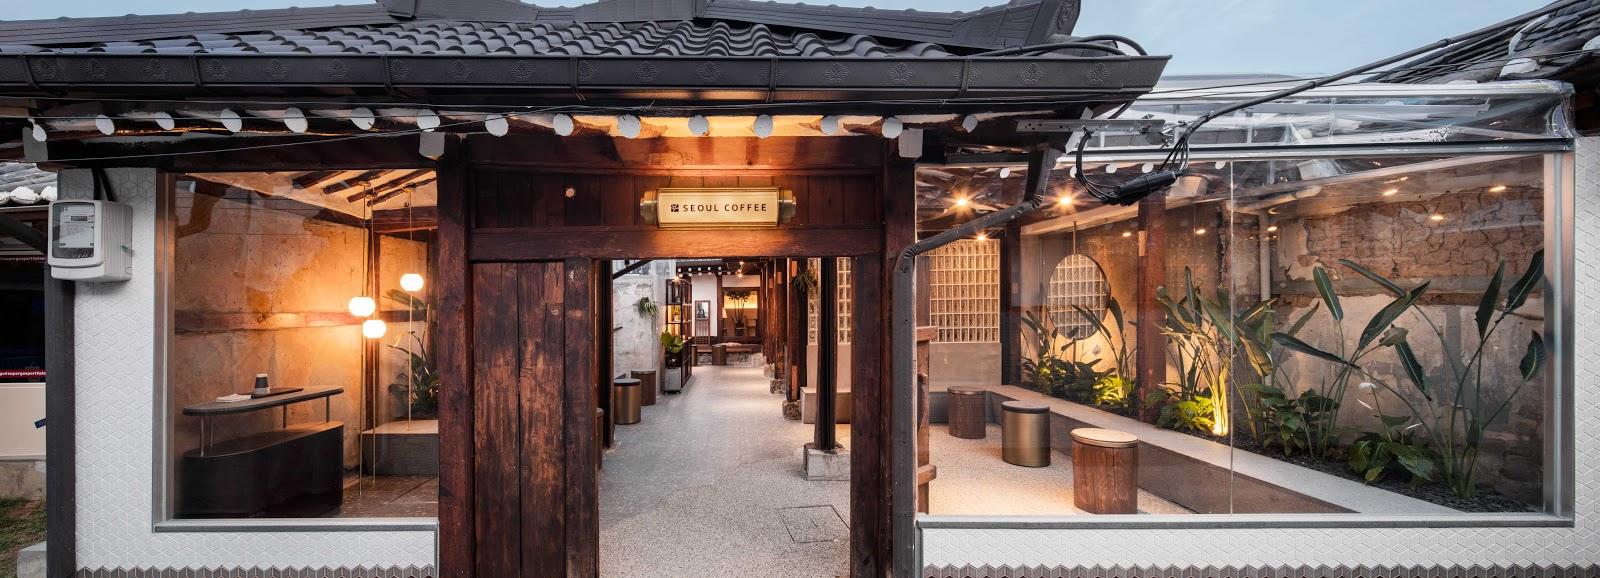 Thiết kế quán cafe độc đáo 1